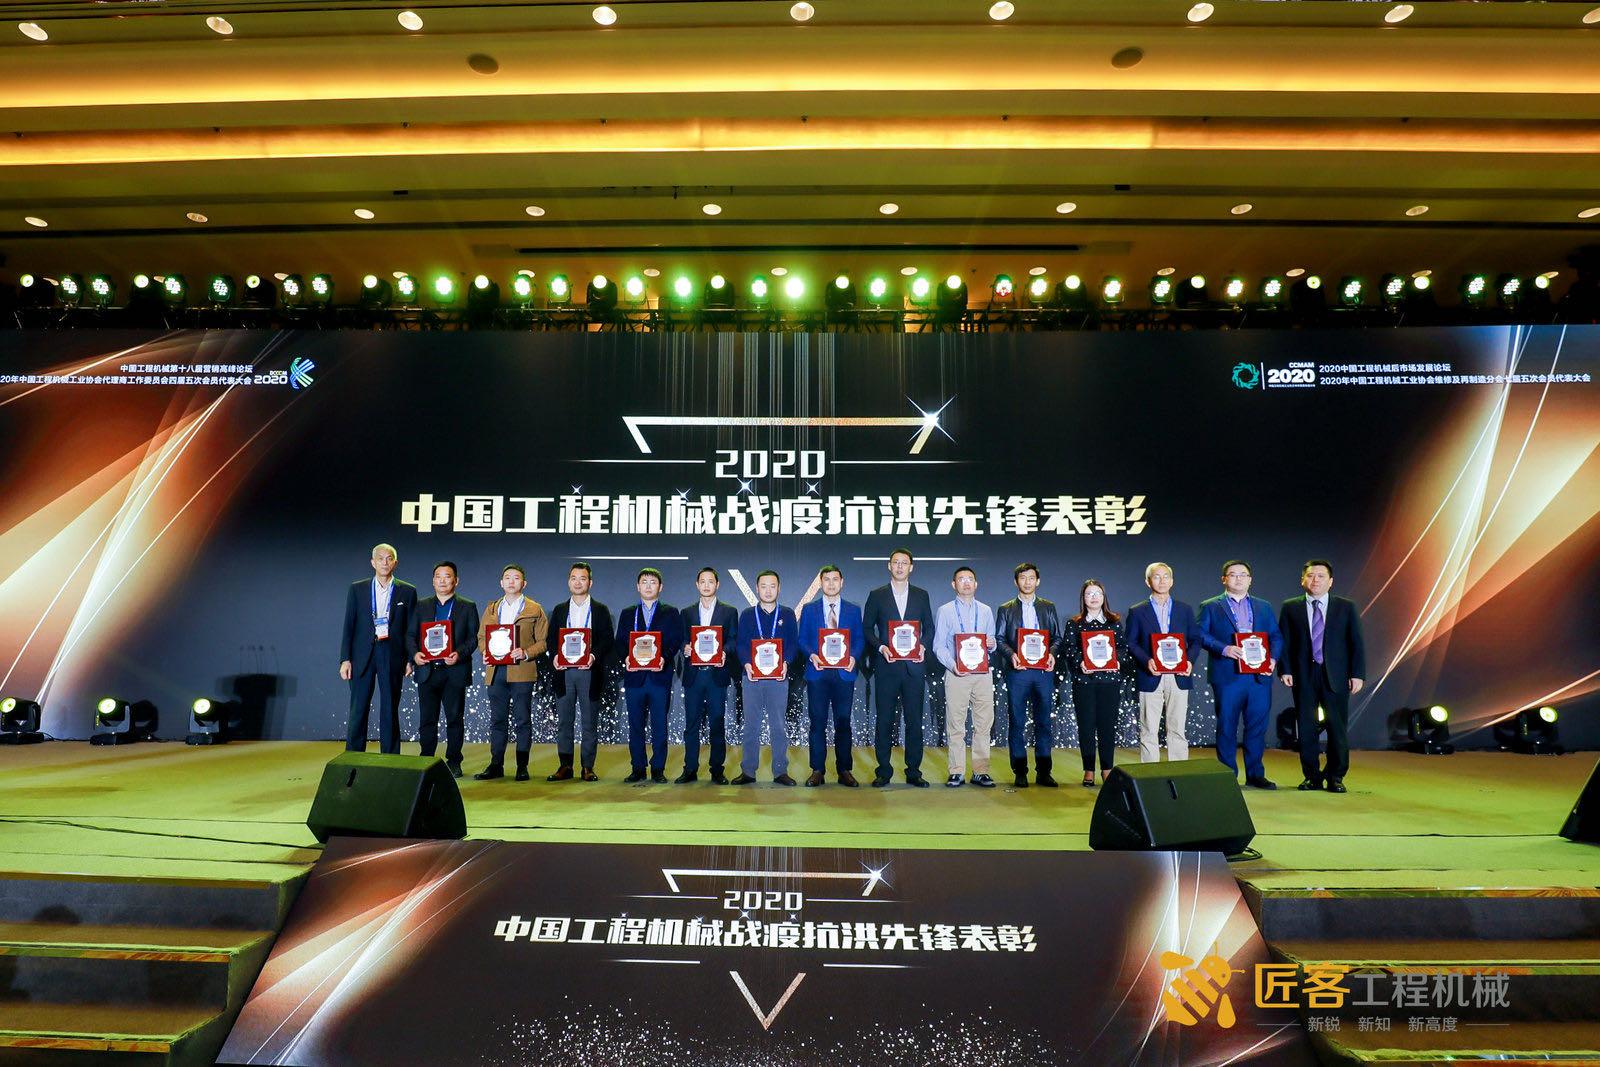 致敬2020中国工程机械抗洪战疫先锋、奉献荣誉企业